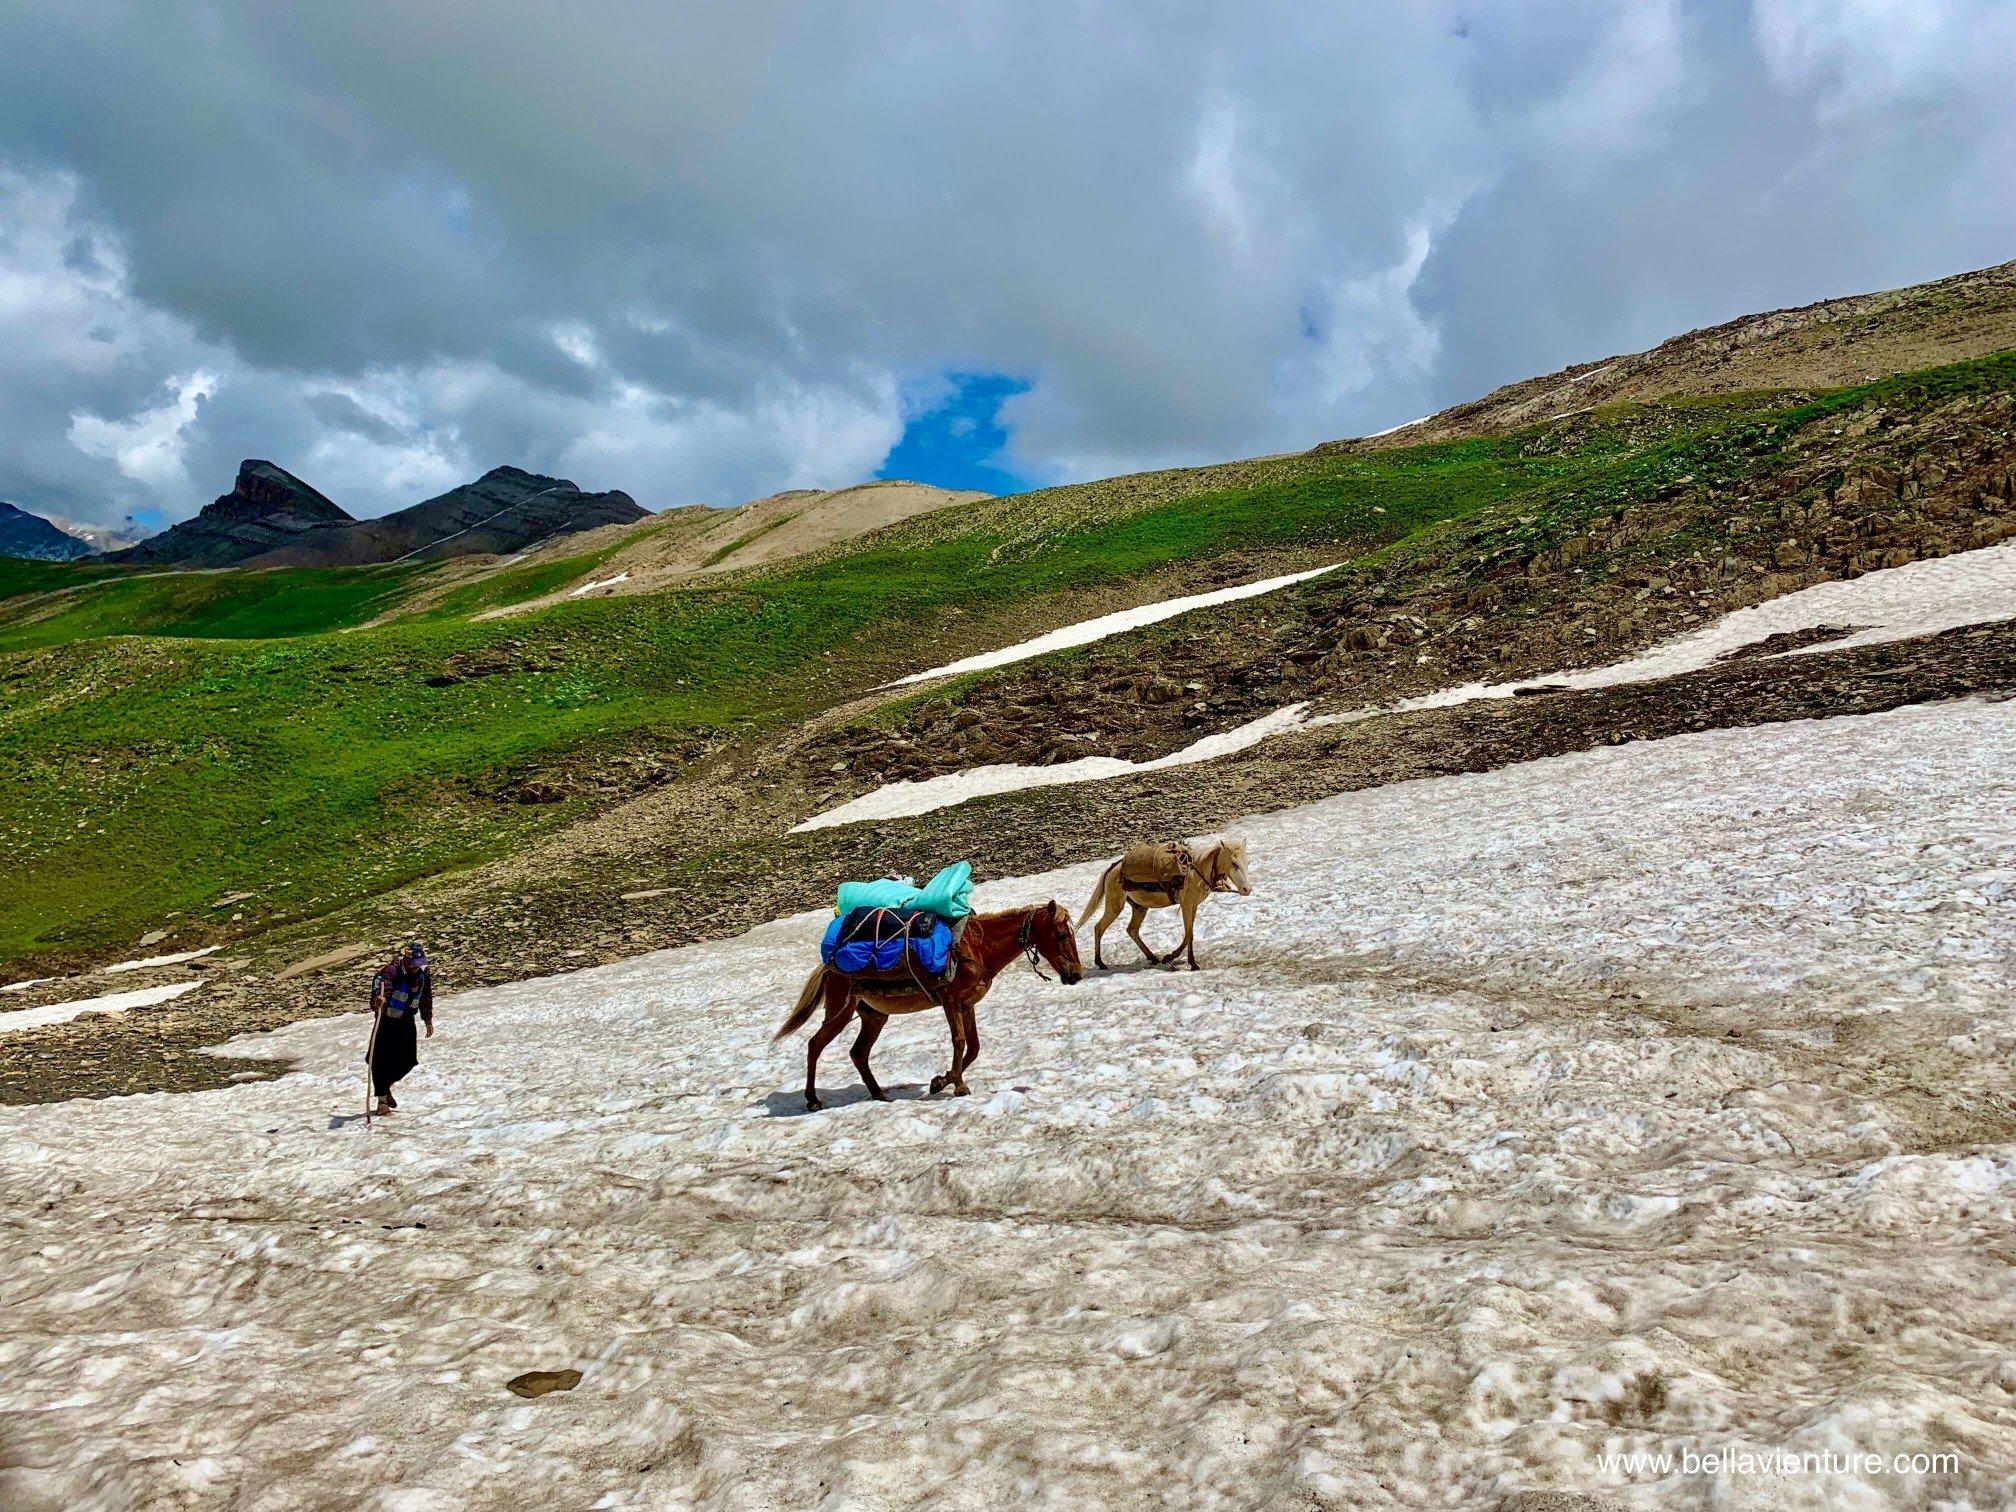 印度 India 北北印 North India 喀什米爾  Kashmir 八天七夜 健行 大自然 馬匹 運送物資